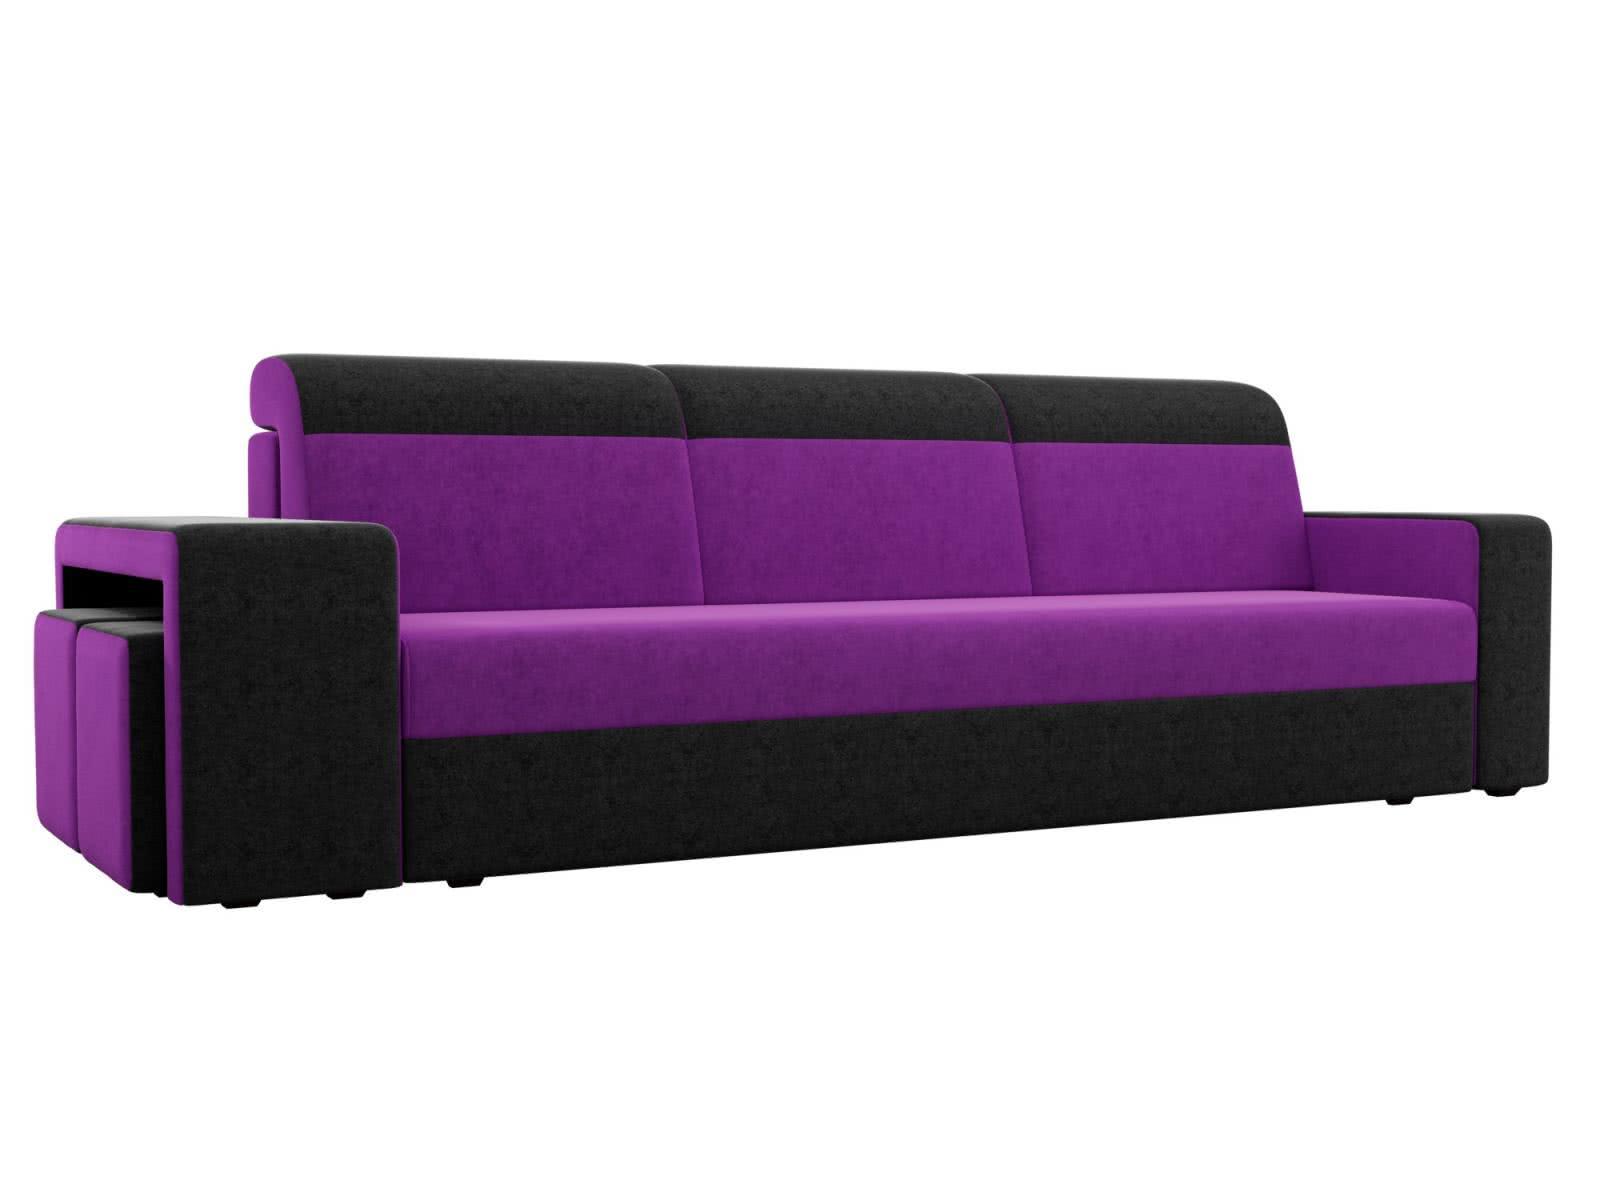 Диван прямой Мебелико Модена с двумя пуфами микровельвет фиолетовый/черный